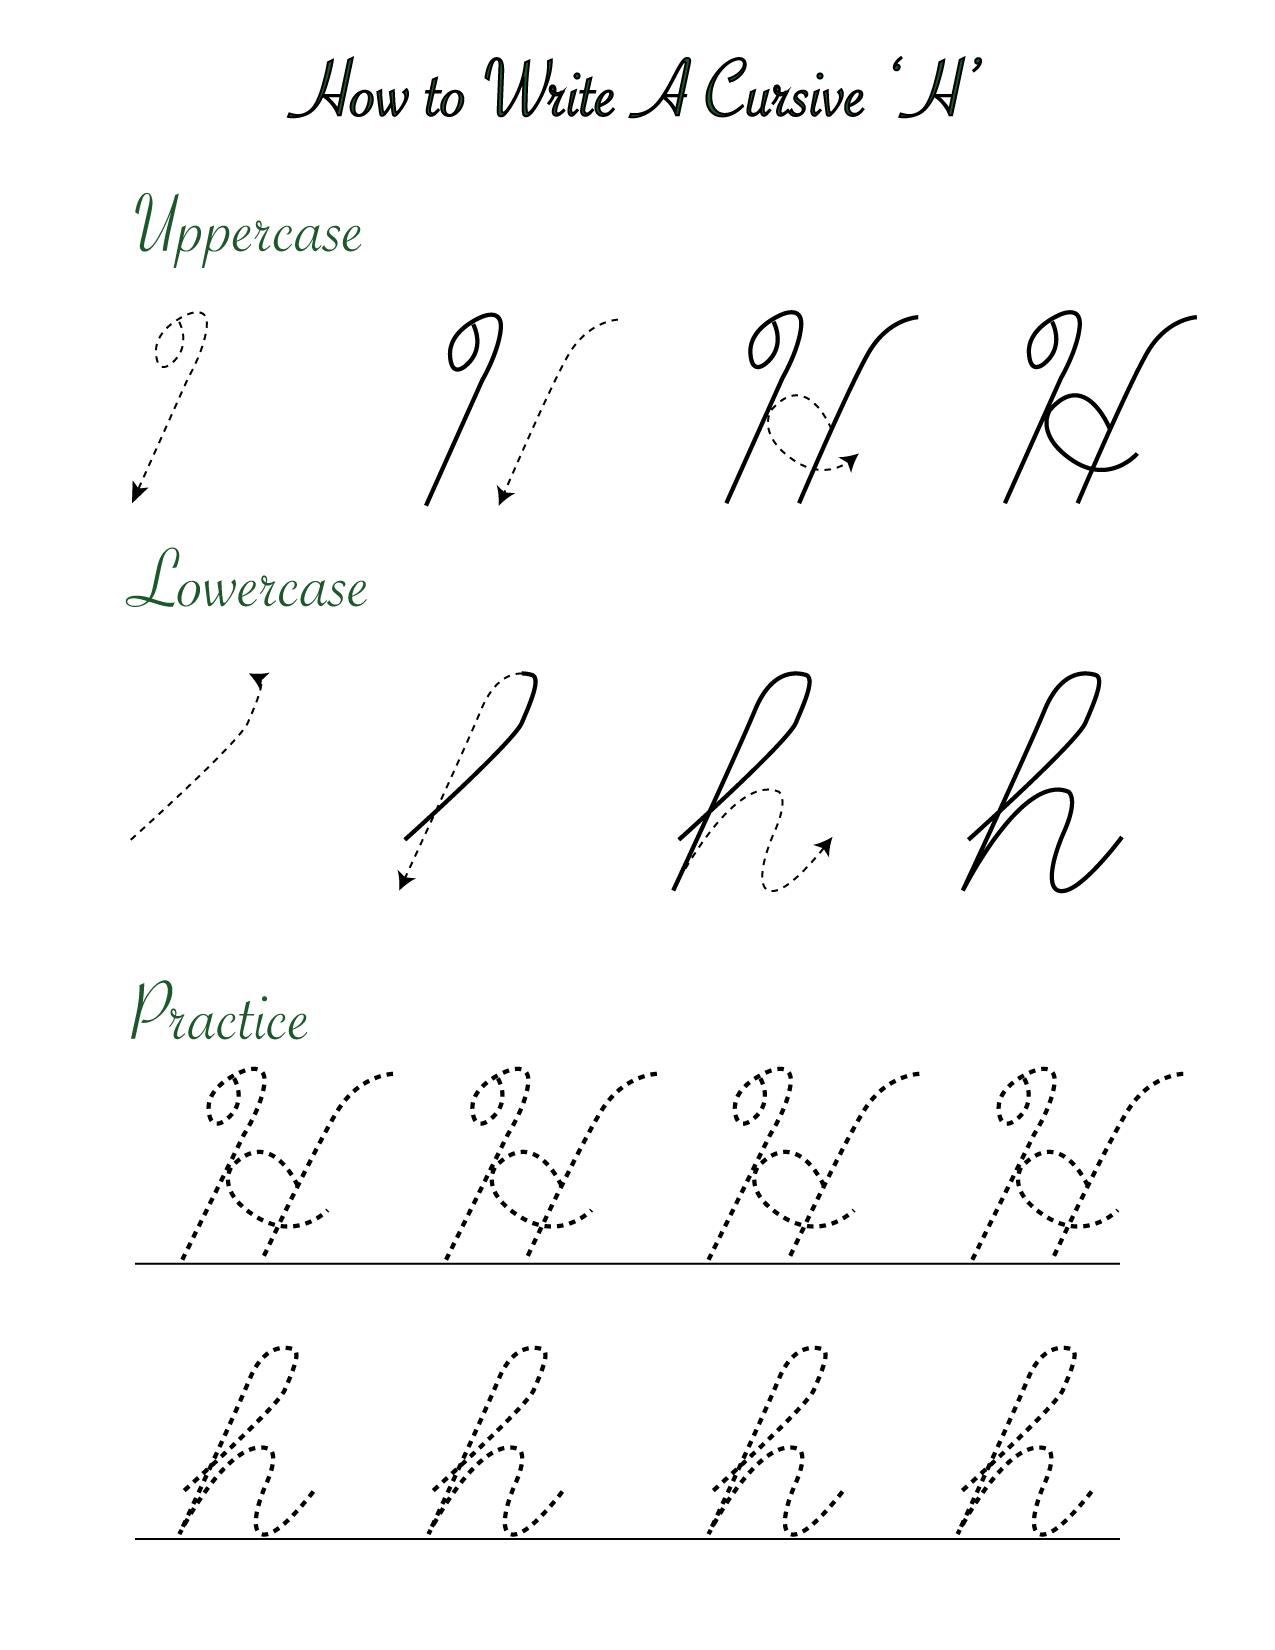 How to write a cursive 'H'